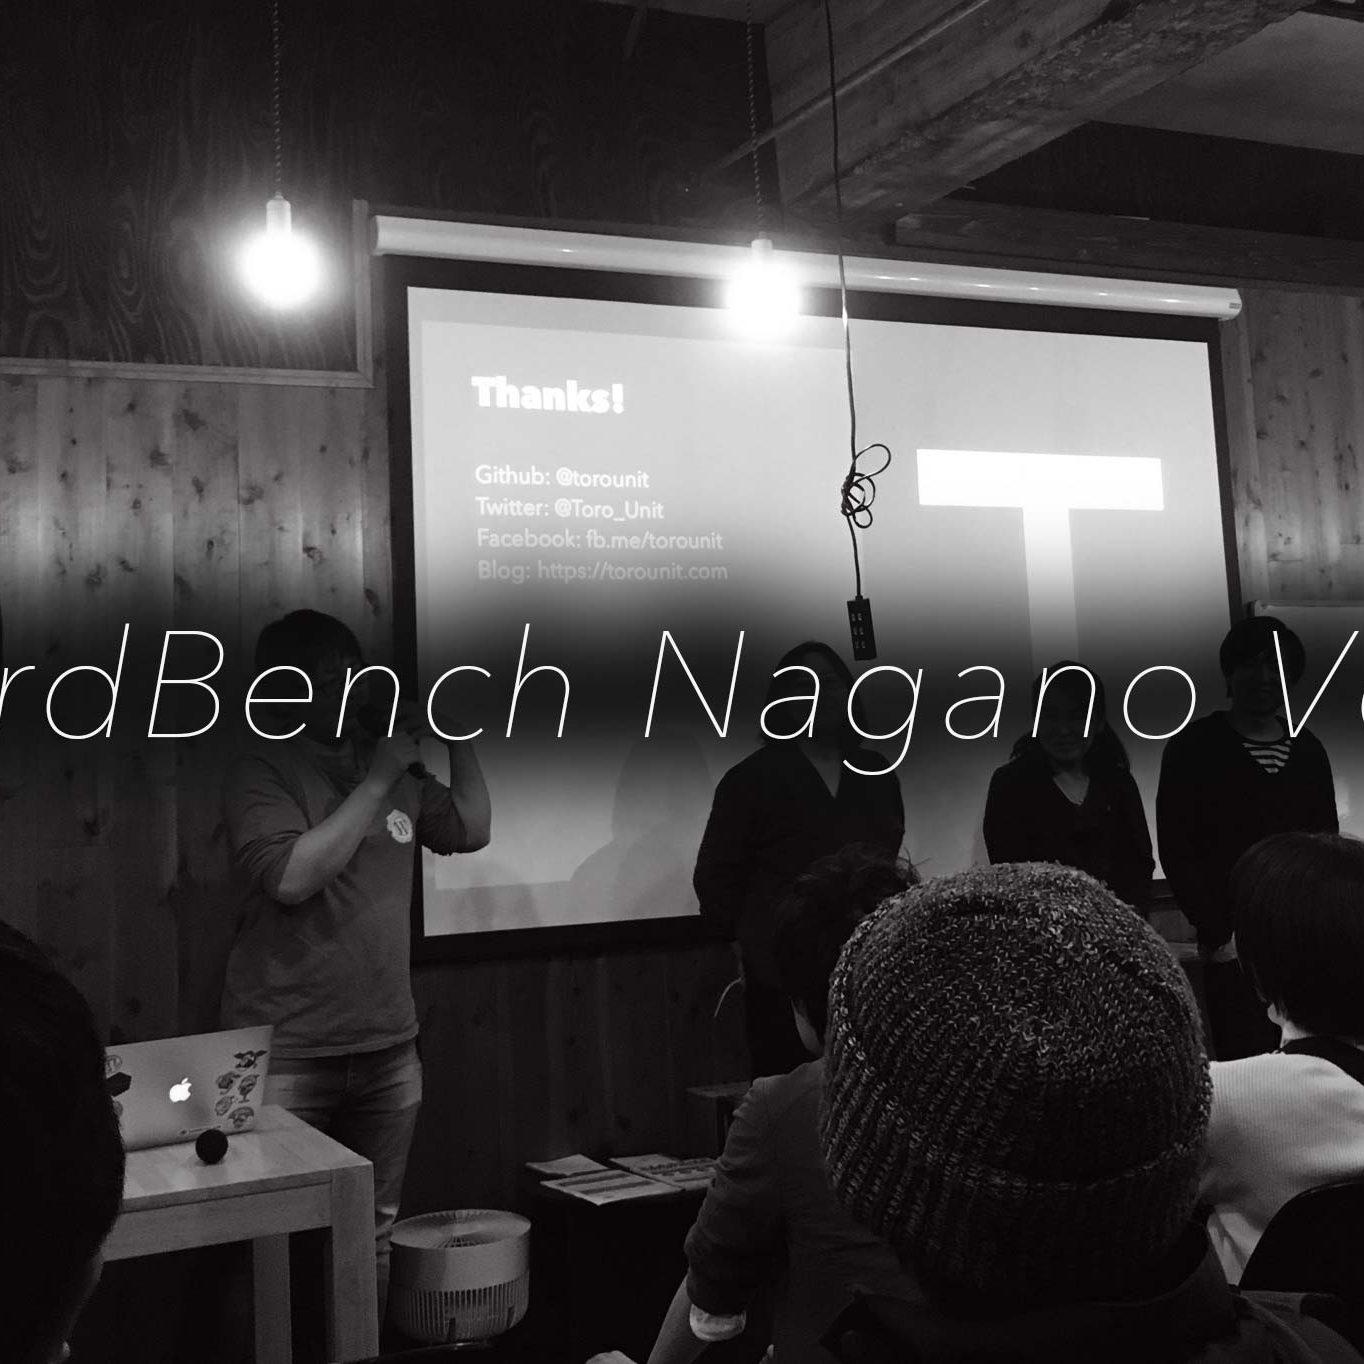 catch-wordbench-nagano-v6